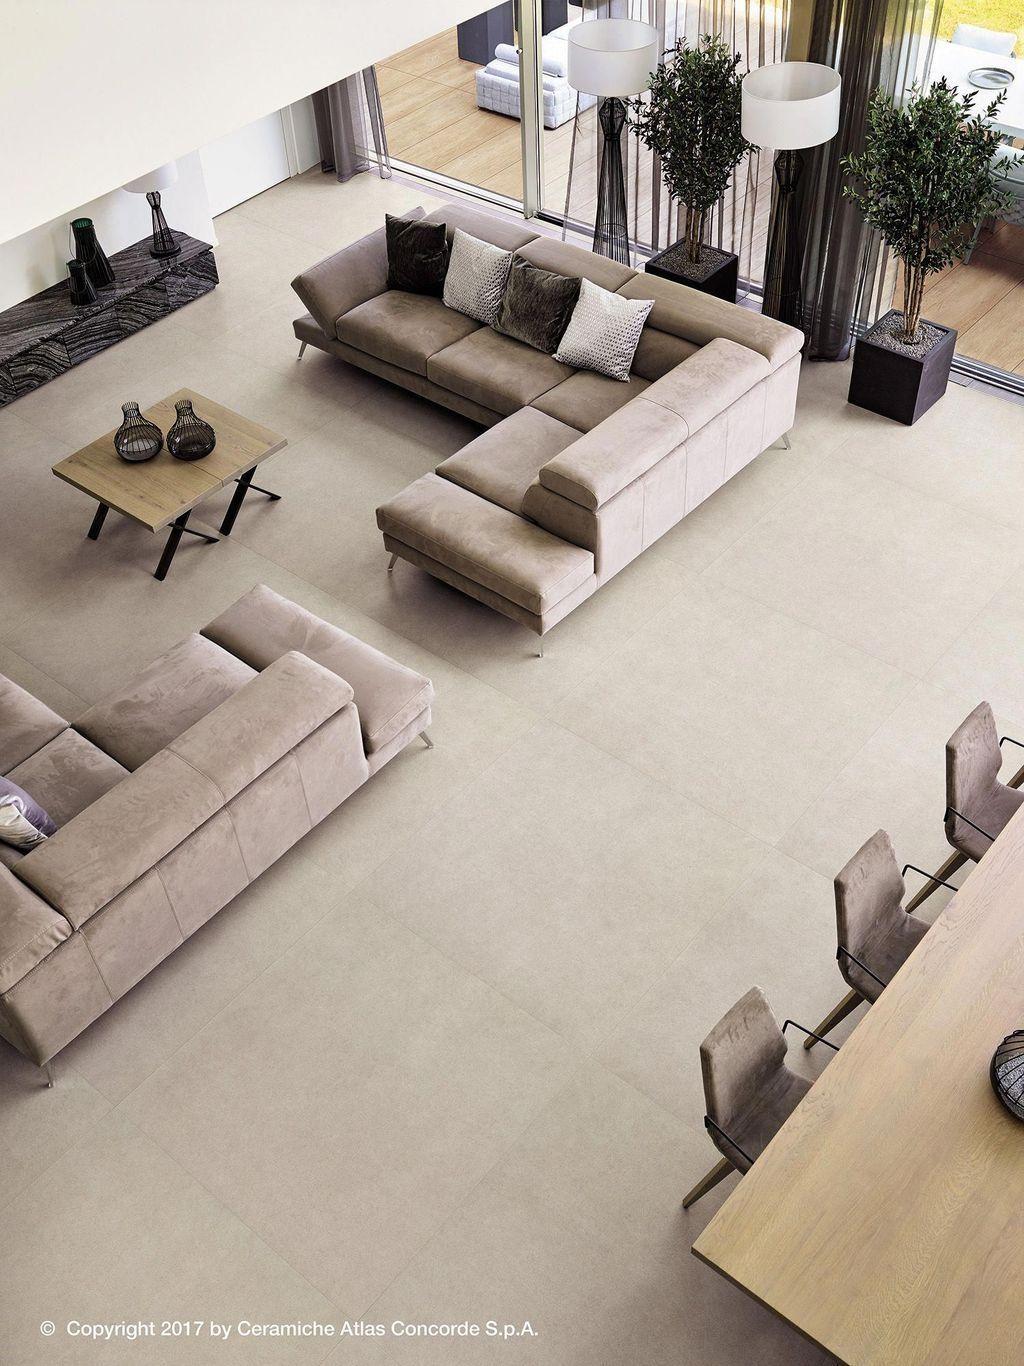 40 Wonderful Ceramic Floor Tile Ideas For Home Living